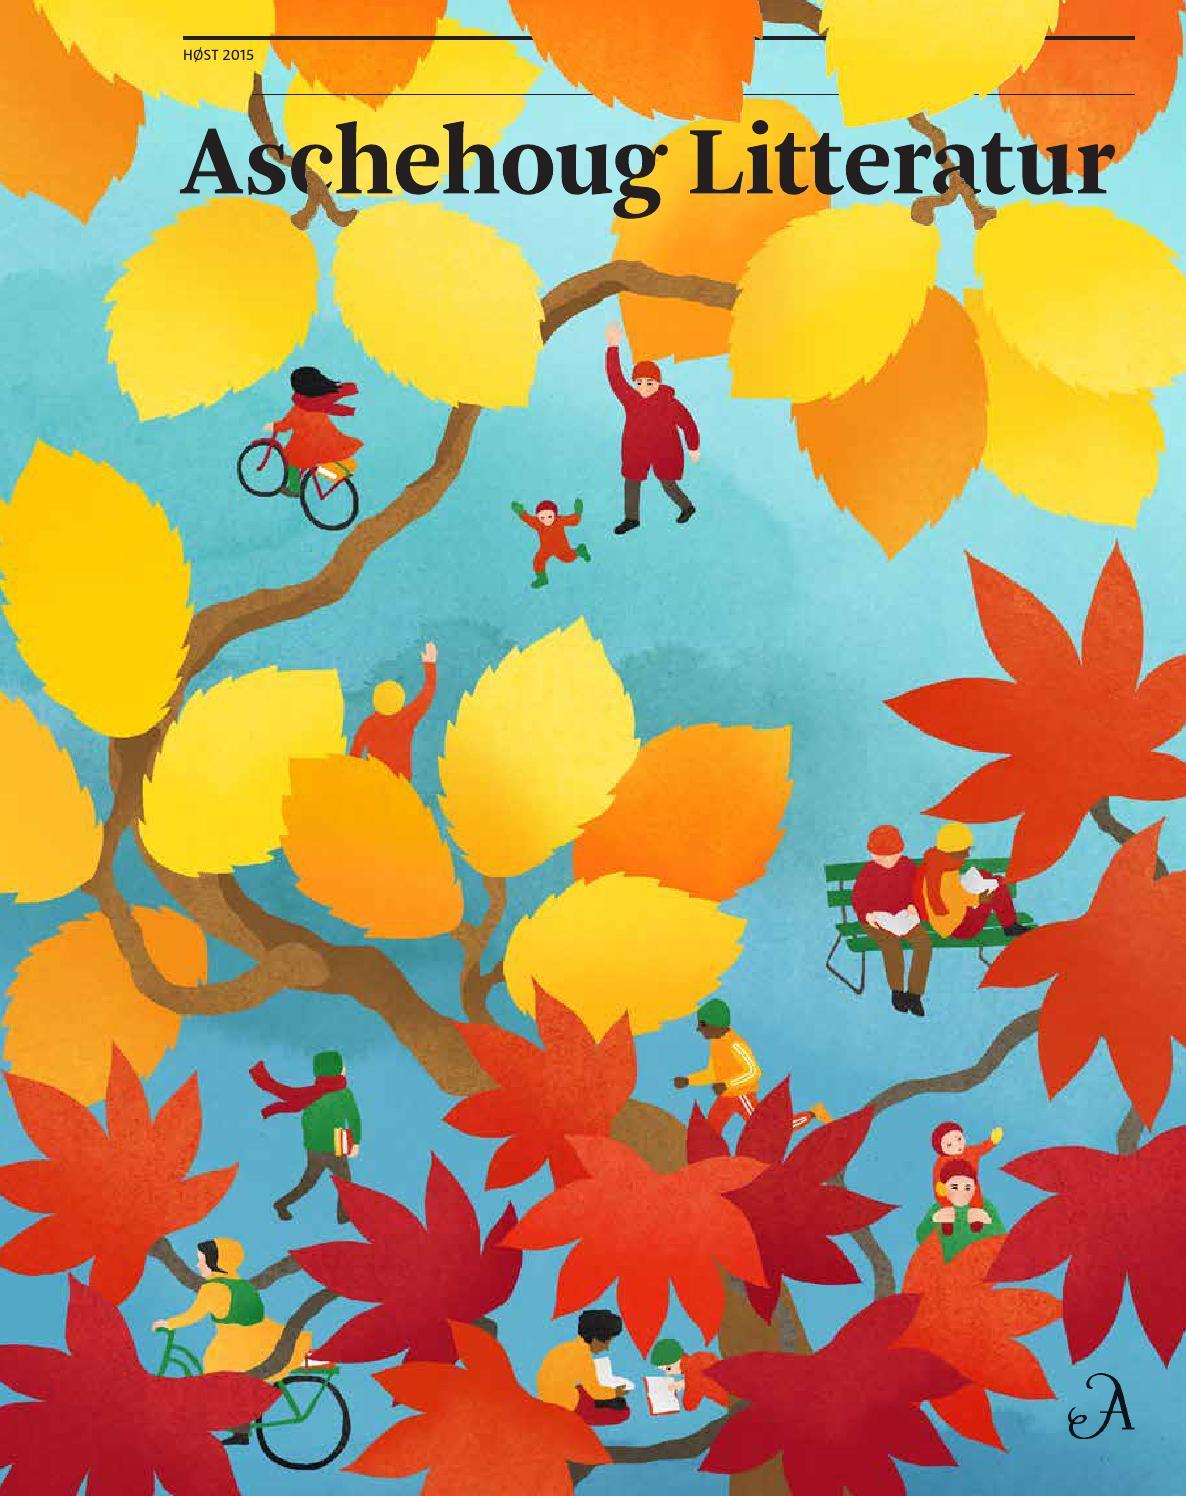 937d1a22 Aschehoug Litteratur høsten 2015 by Aschehoug - issuu